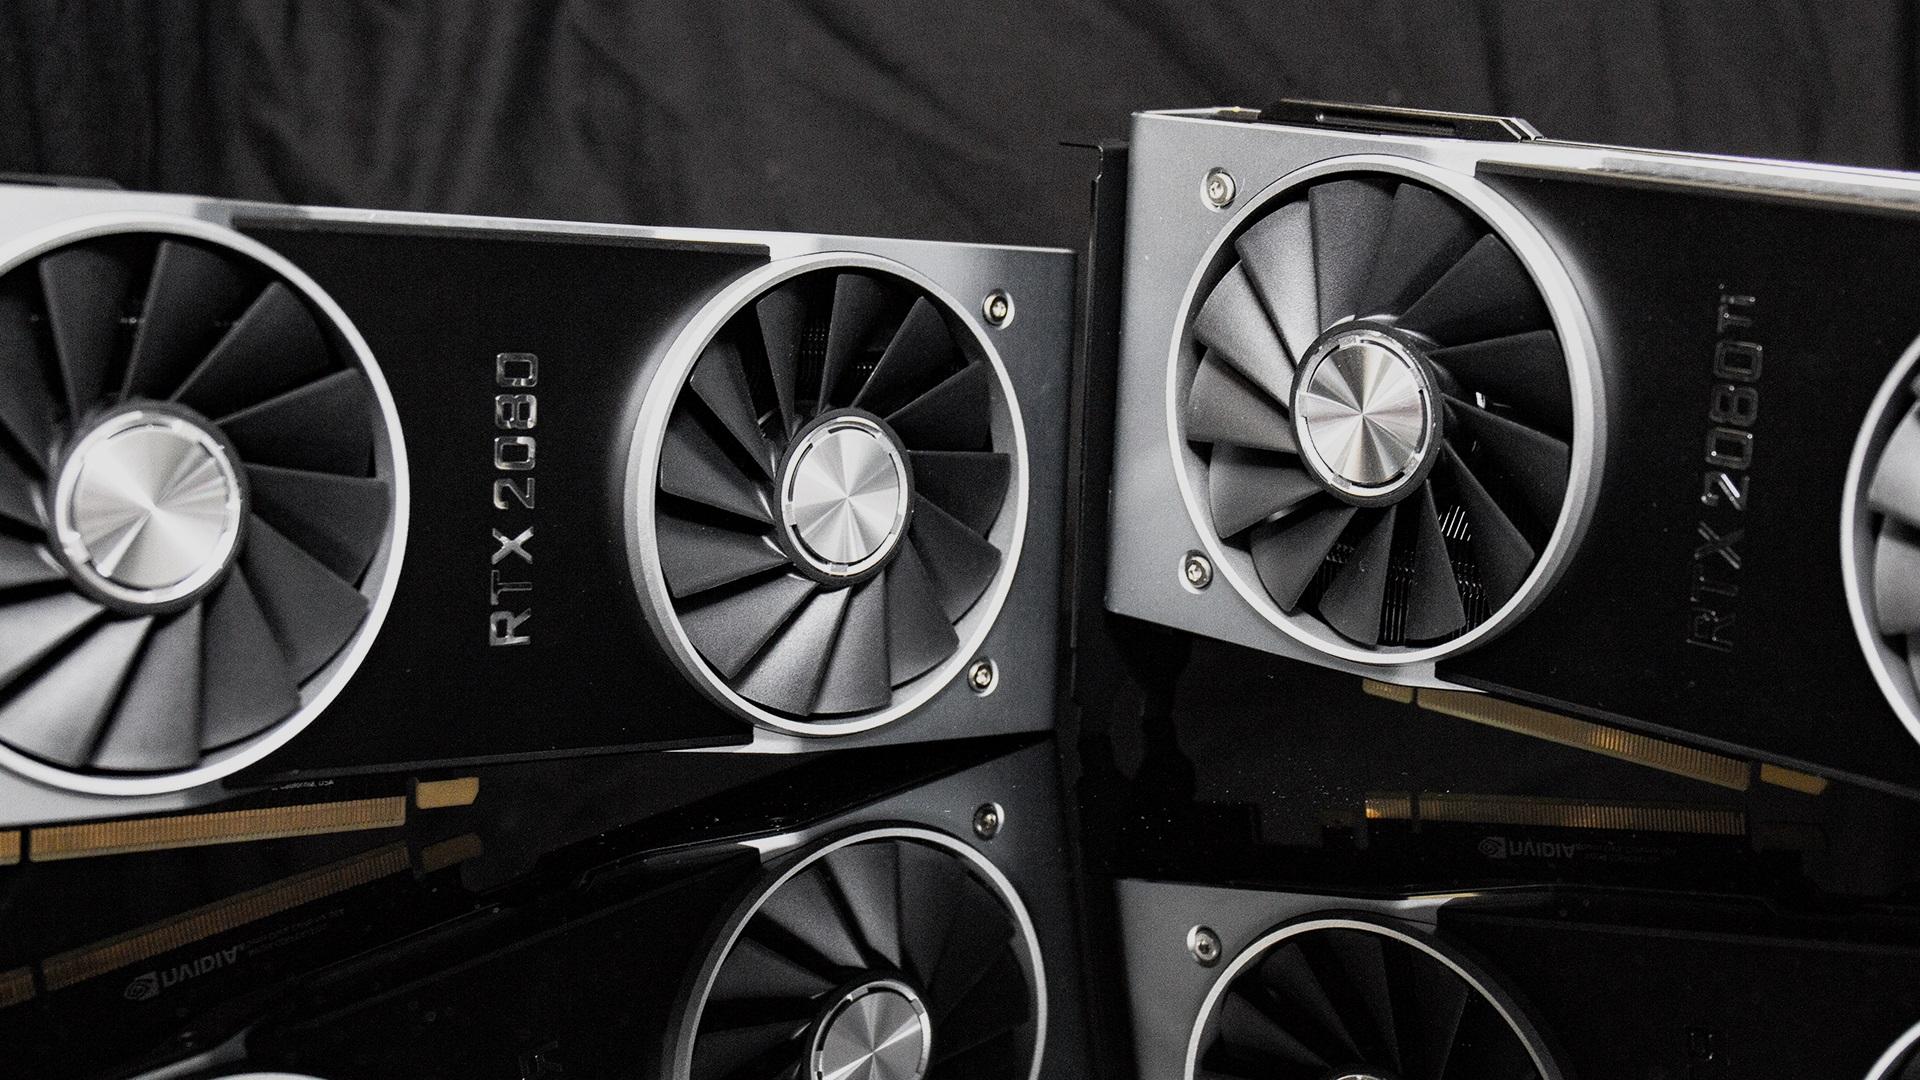 Nvidia RTX 2080 multi GPU